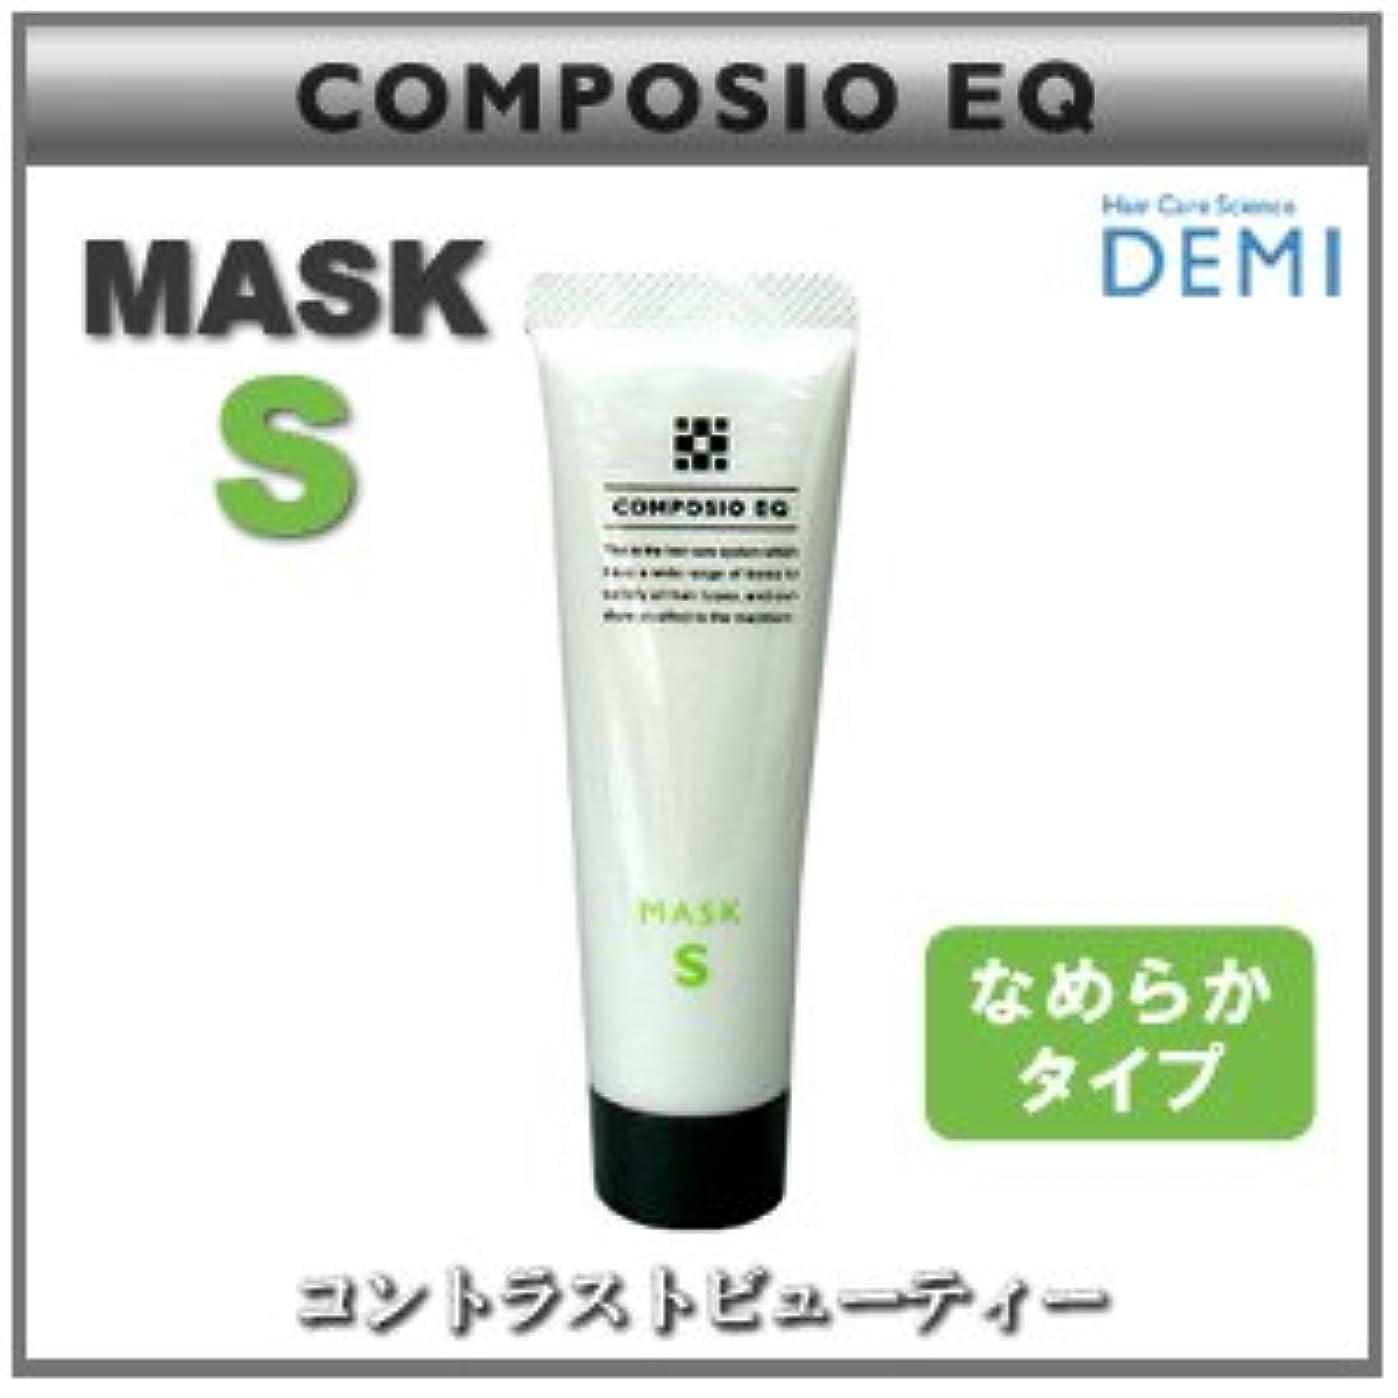 人道的入札器用【X2個セット】 デミ コンポジオ EQ マスク S 50g